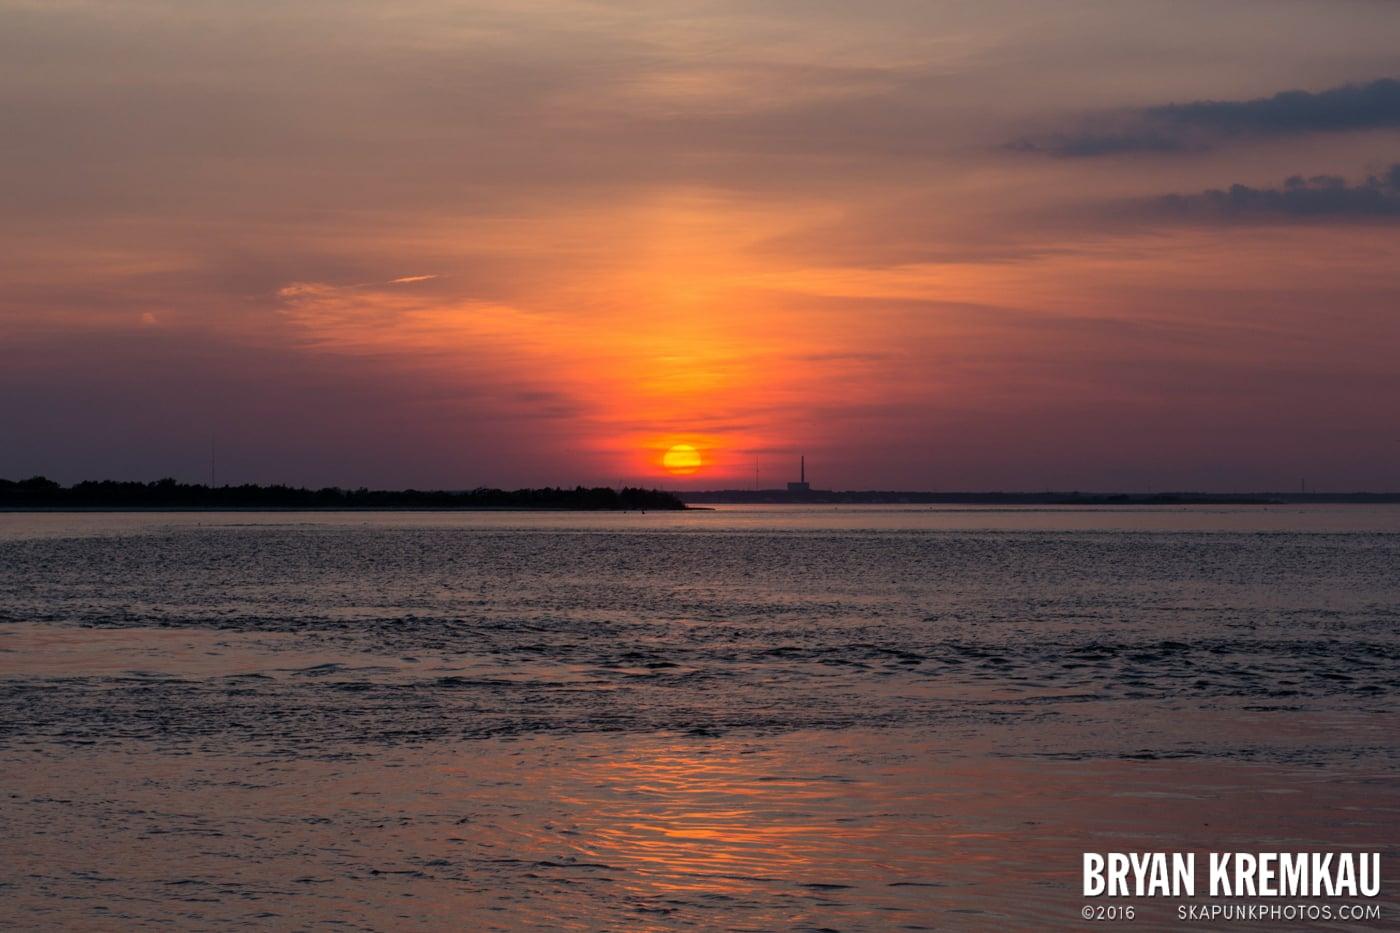 Beach Haven, Long Beach Island, NJ - 6.16.14 - 6.18.14 (2)